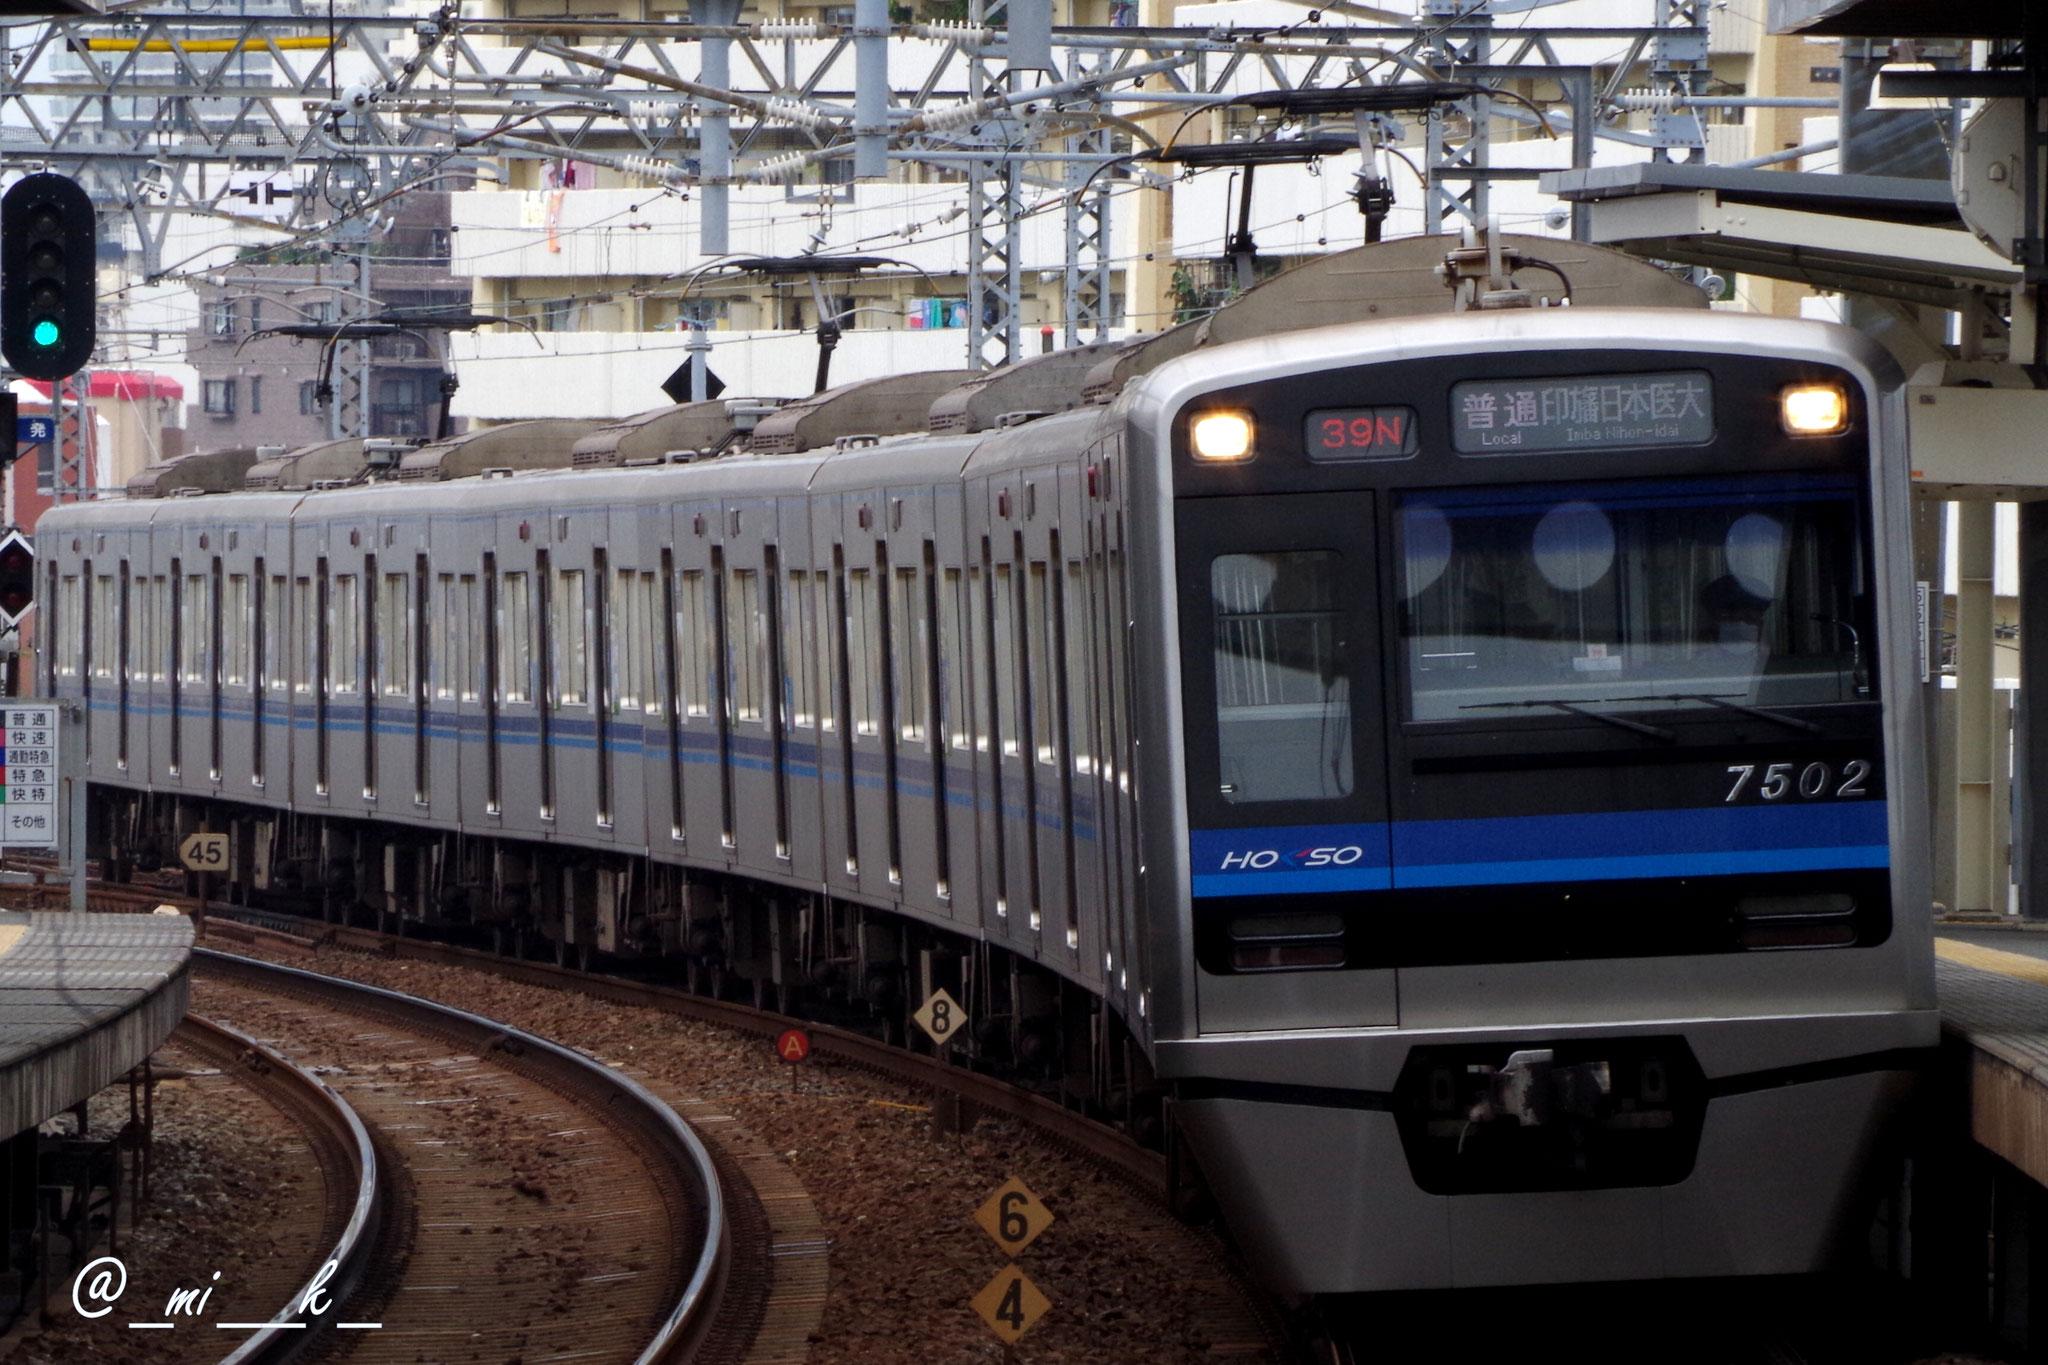 京成グループの標準車体での登場。千葉ニュータウン鉄道の9200形とも同一設計。